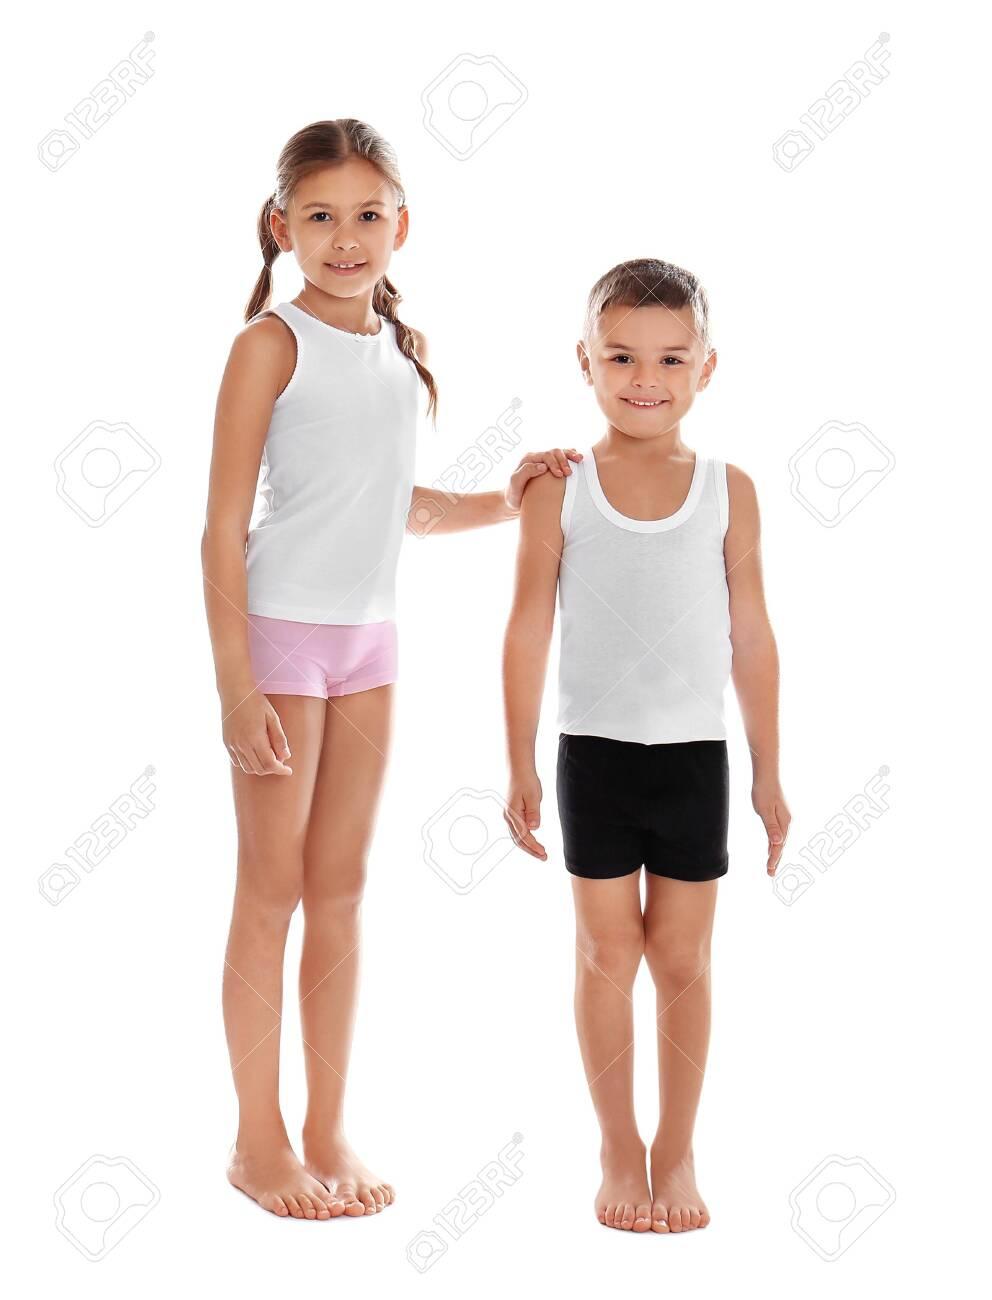 Cute little children in underwear on white background - 136175236